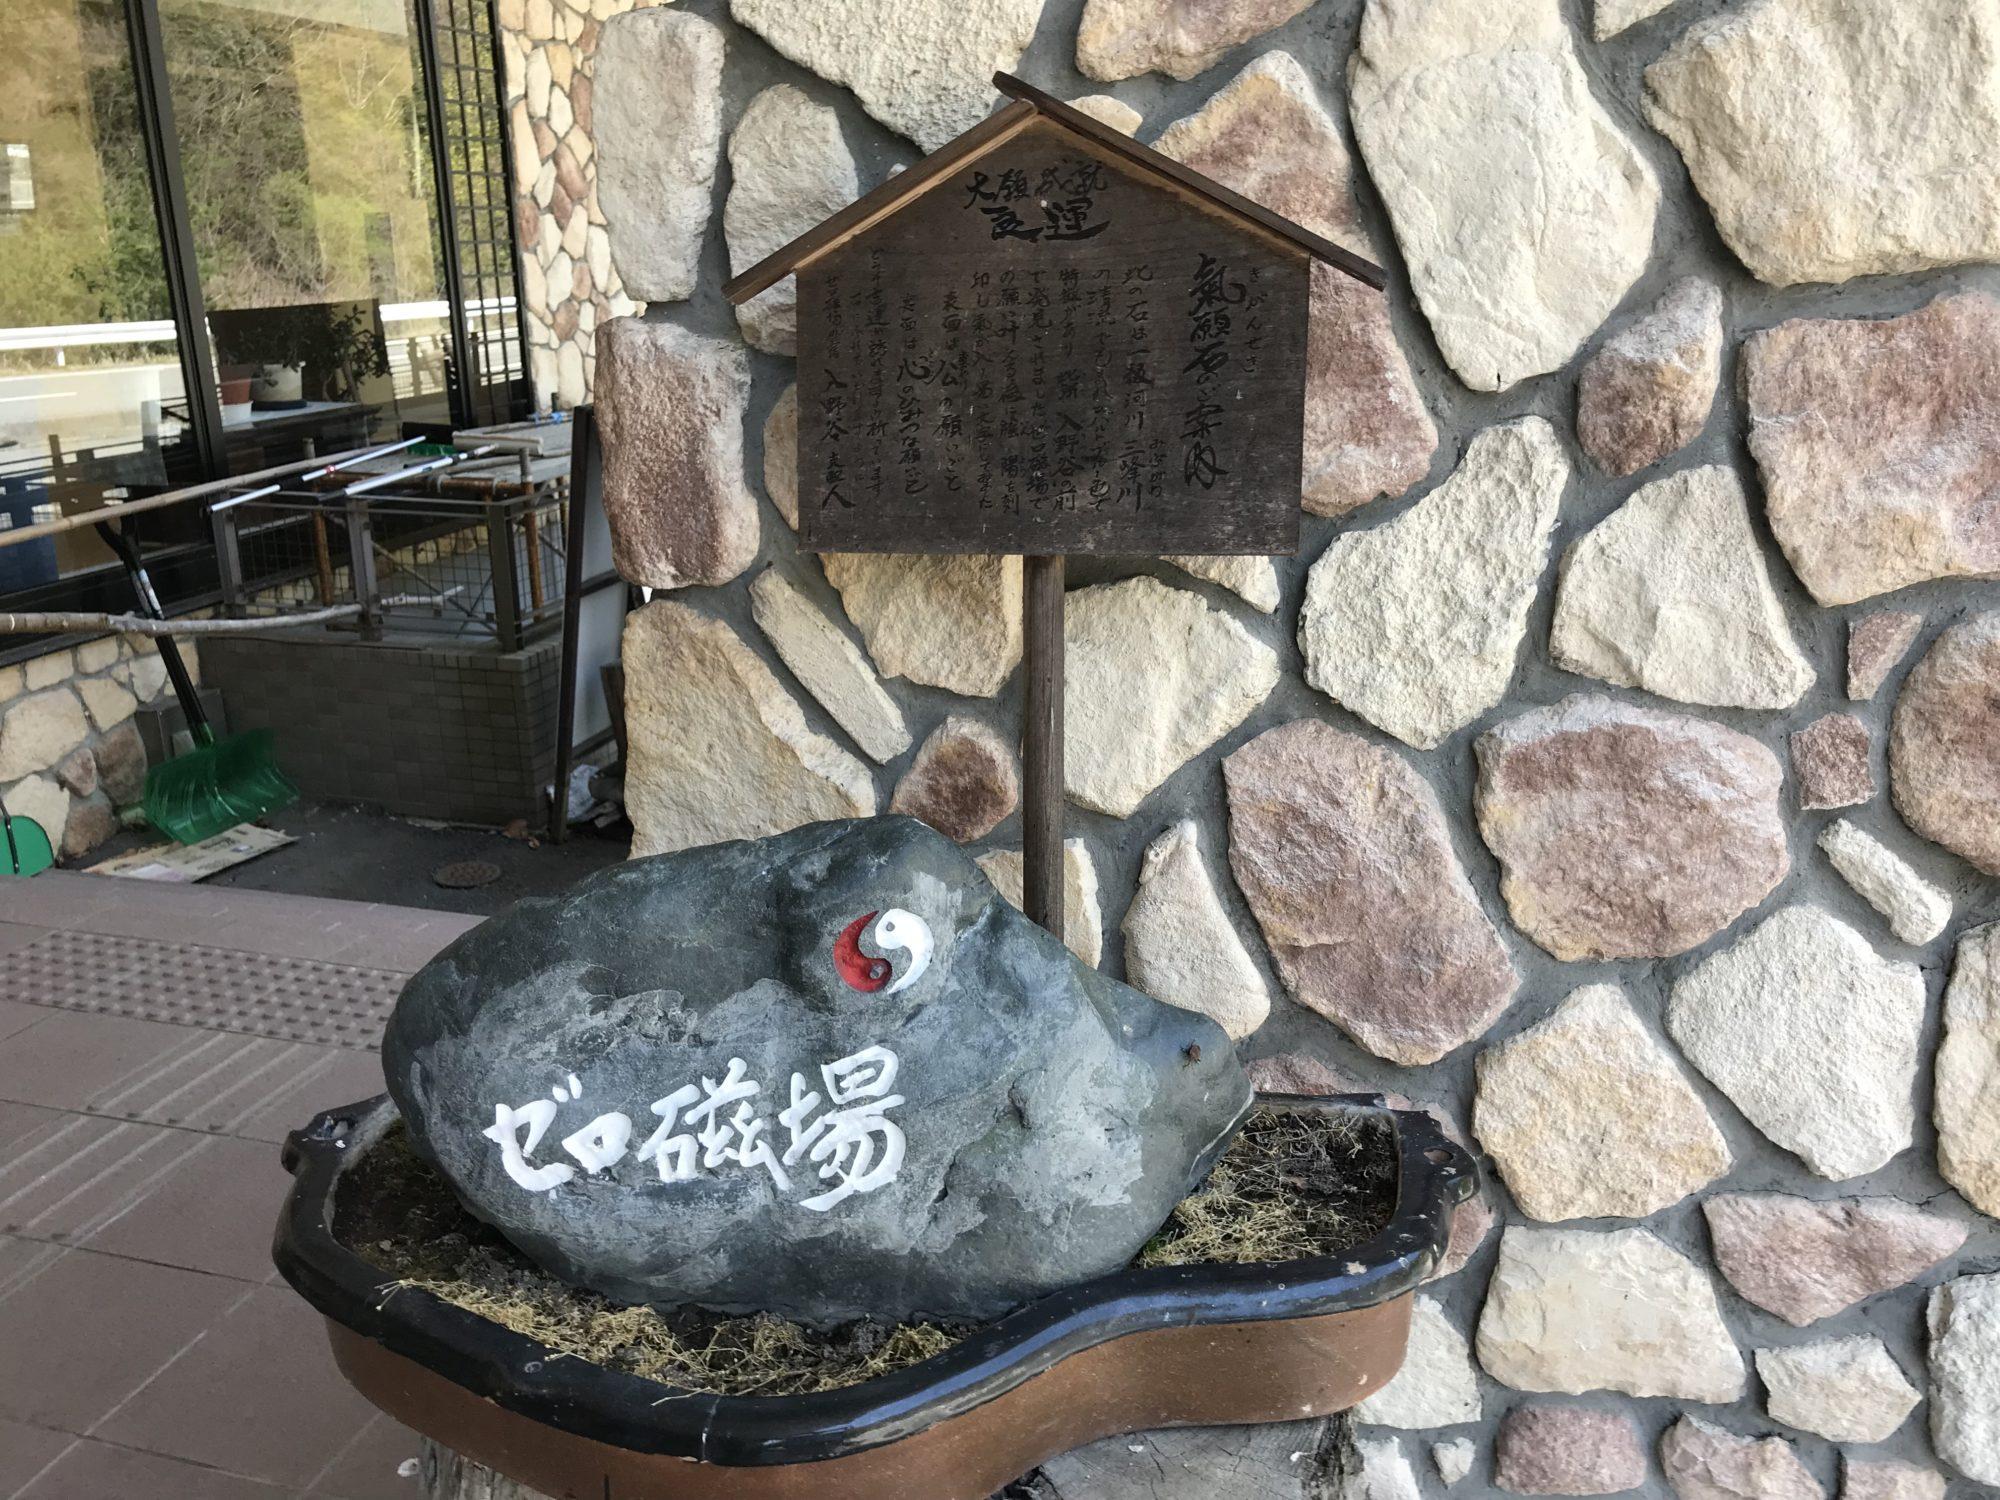 入口にあるゼロ地場と書いた石